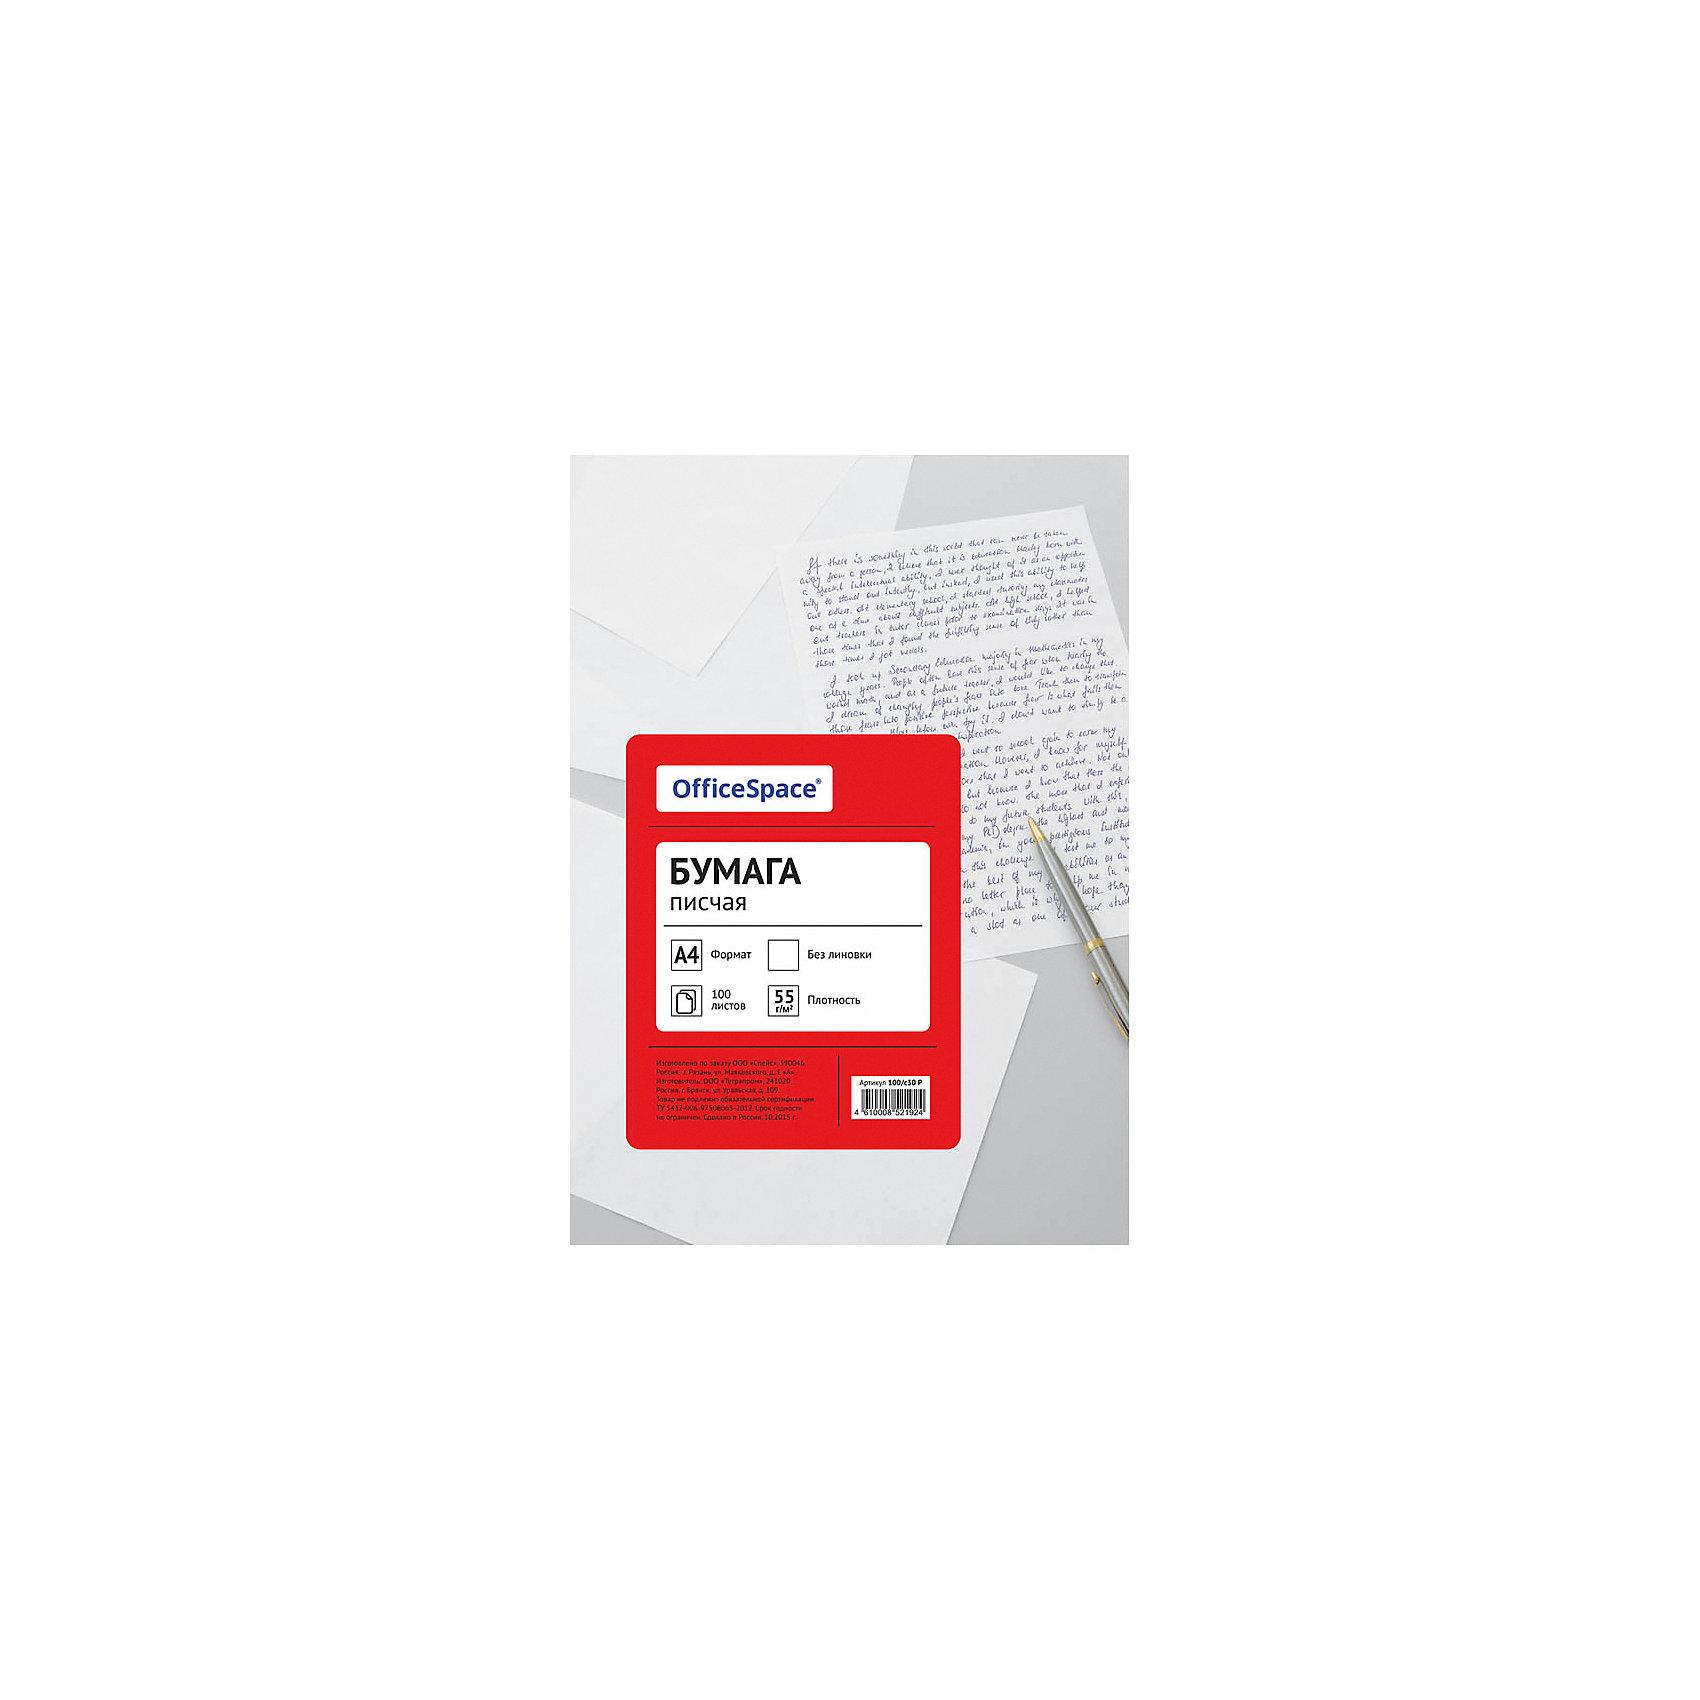 Бумага писчая А4 100 листов OfficeSpace, нейлоноваяБумажная продукция<br>Плотность бумаги: 55<br>Формат : A4<br>Количество листов: 100<br>Белизна по ГОСТ: 100<br>Линовка: нет<br>Цвет: белый<br>Непрозрачность: 80<br>Количество пачек в коробке: 15<br>Бумага предназначена для письма, секретарских работ, печати документации и изготовления печатной<br>продукции на ризографах, матричных принтерах, малых печатных машинах и т.д. <br><br>Формат А4, 100 листов, белая. Плотность бумаги - 55 г/м?. Цвет - белый, белизна 100%.<br><br>Ширина мм: 295<br>Глубина мм: 210<br>Высота мм: 7<br>Вес г: 382<br>Возраст от месяцев: 60<br>Возраст до месяцев: 2147483647<br>Пол: Унисекс<br>Возраст: Детский<br>SKU: 7044301